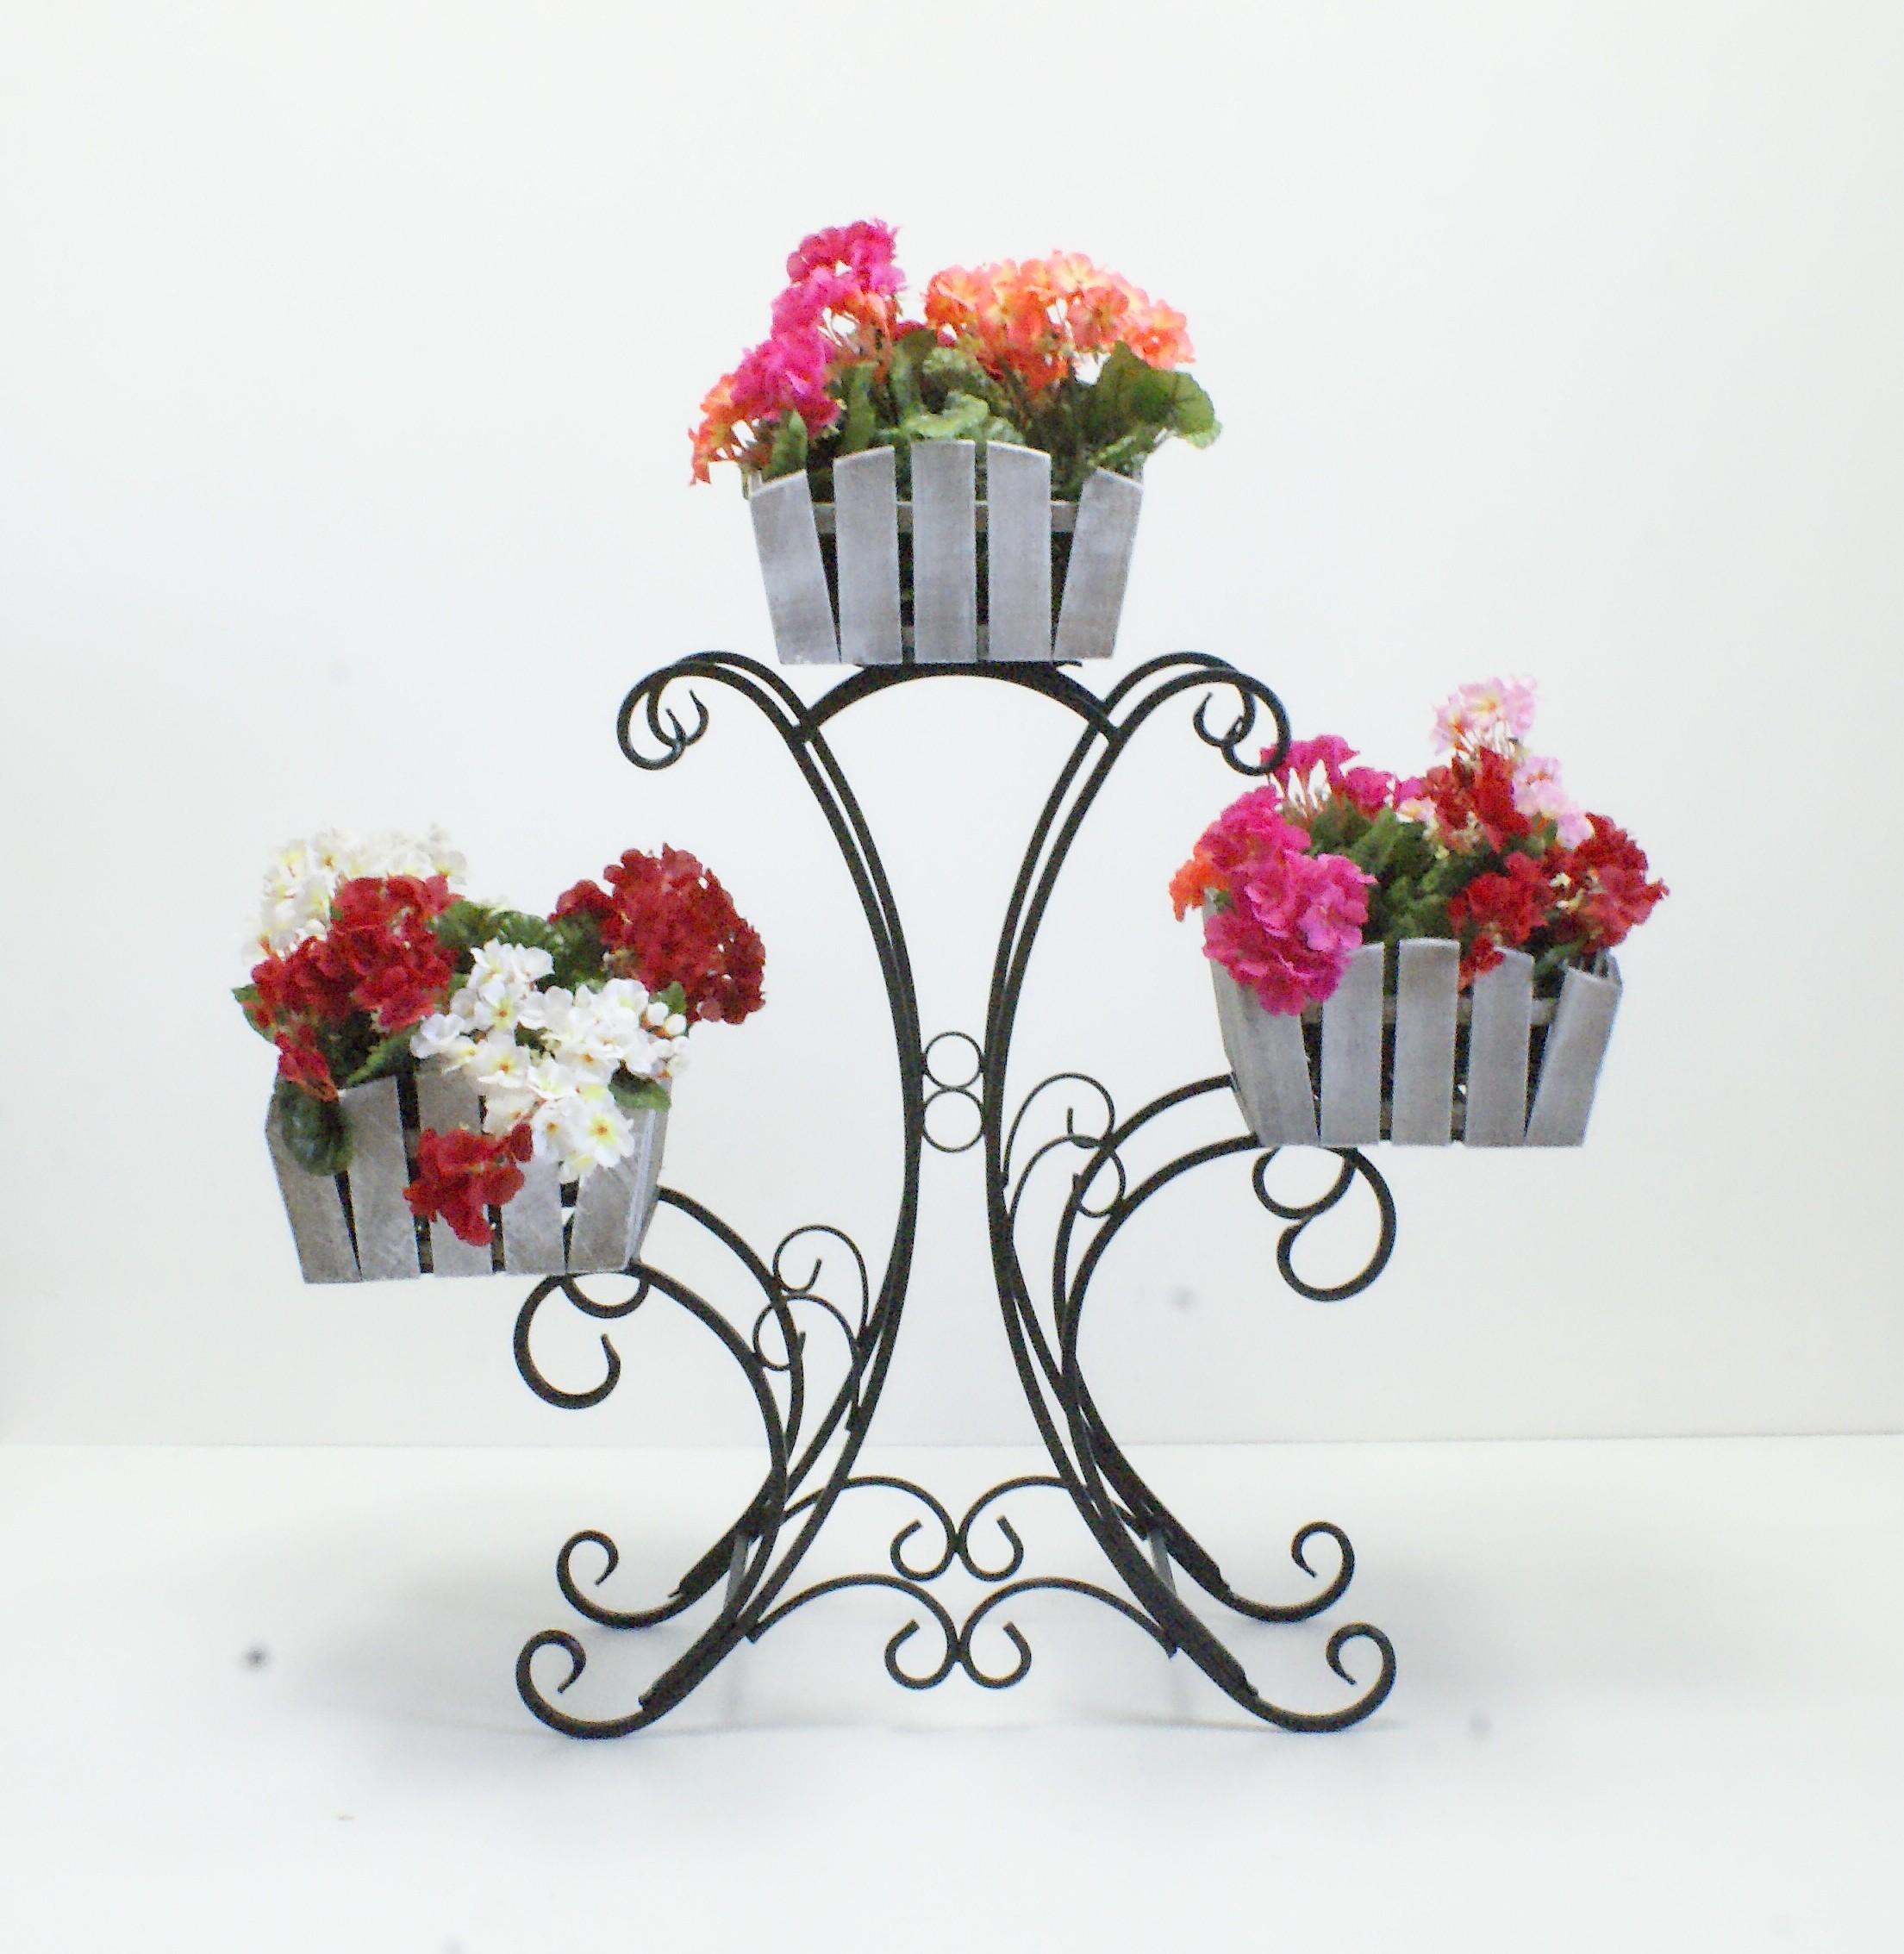 стойки для цветов кованые в интерьер